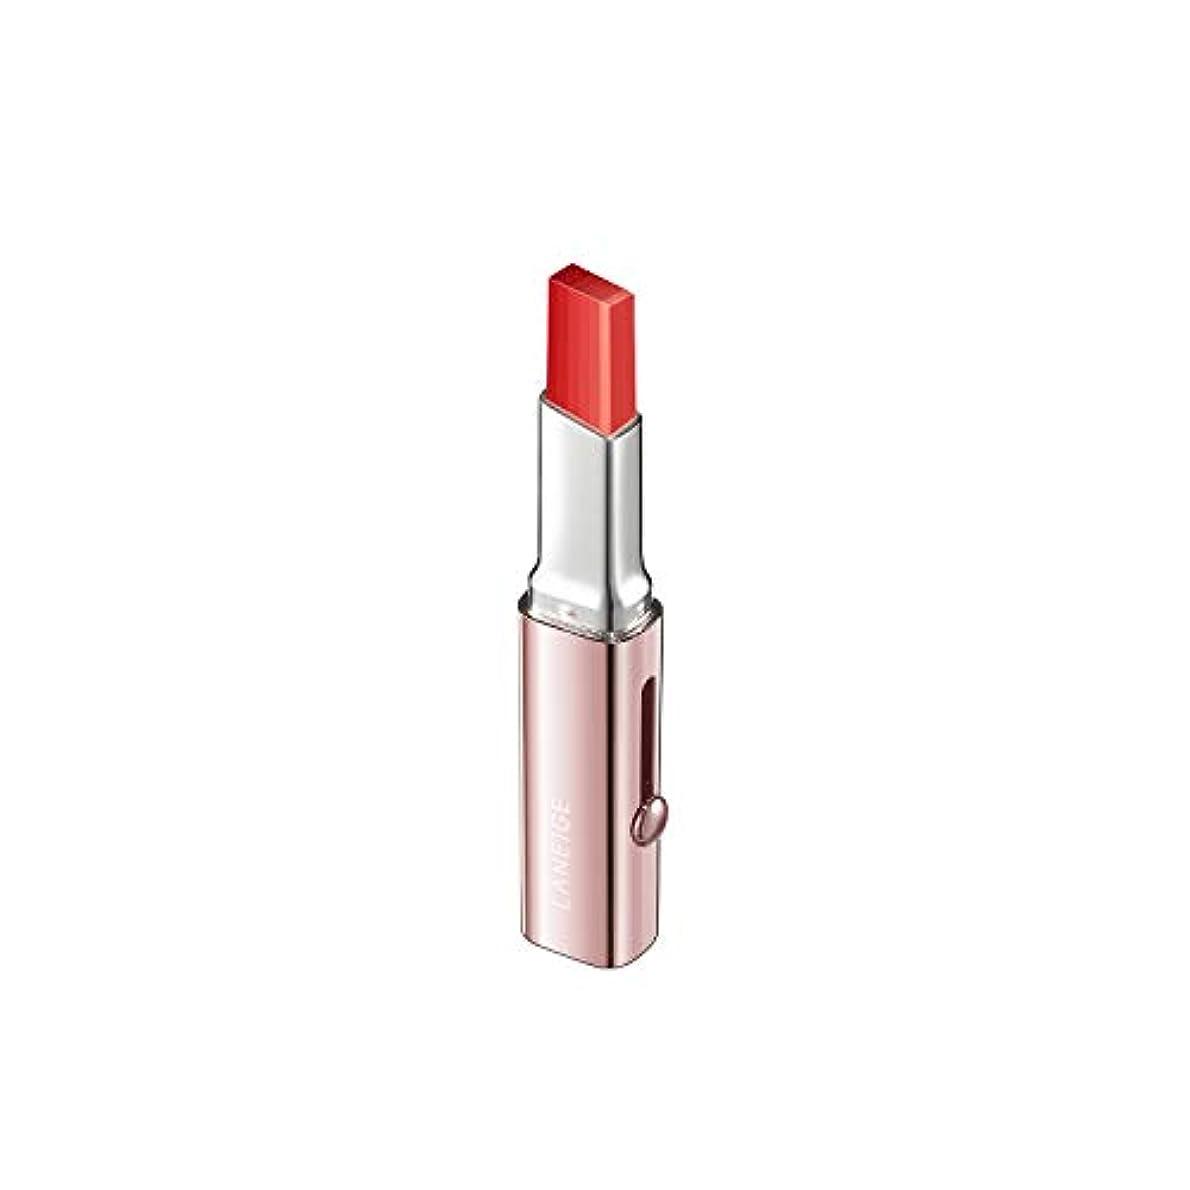 ゆりかごお尻メドレー【ラネージュ】階層リップバー(1.9G)/ Layering Lip Bar-6つのカラーでのグラデーションカラー演出 (#6 ALLURING RED)